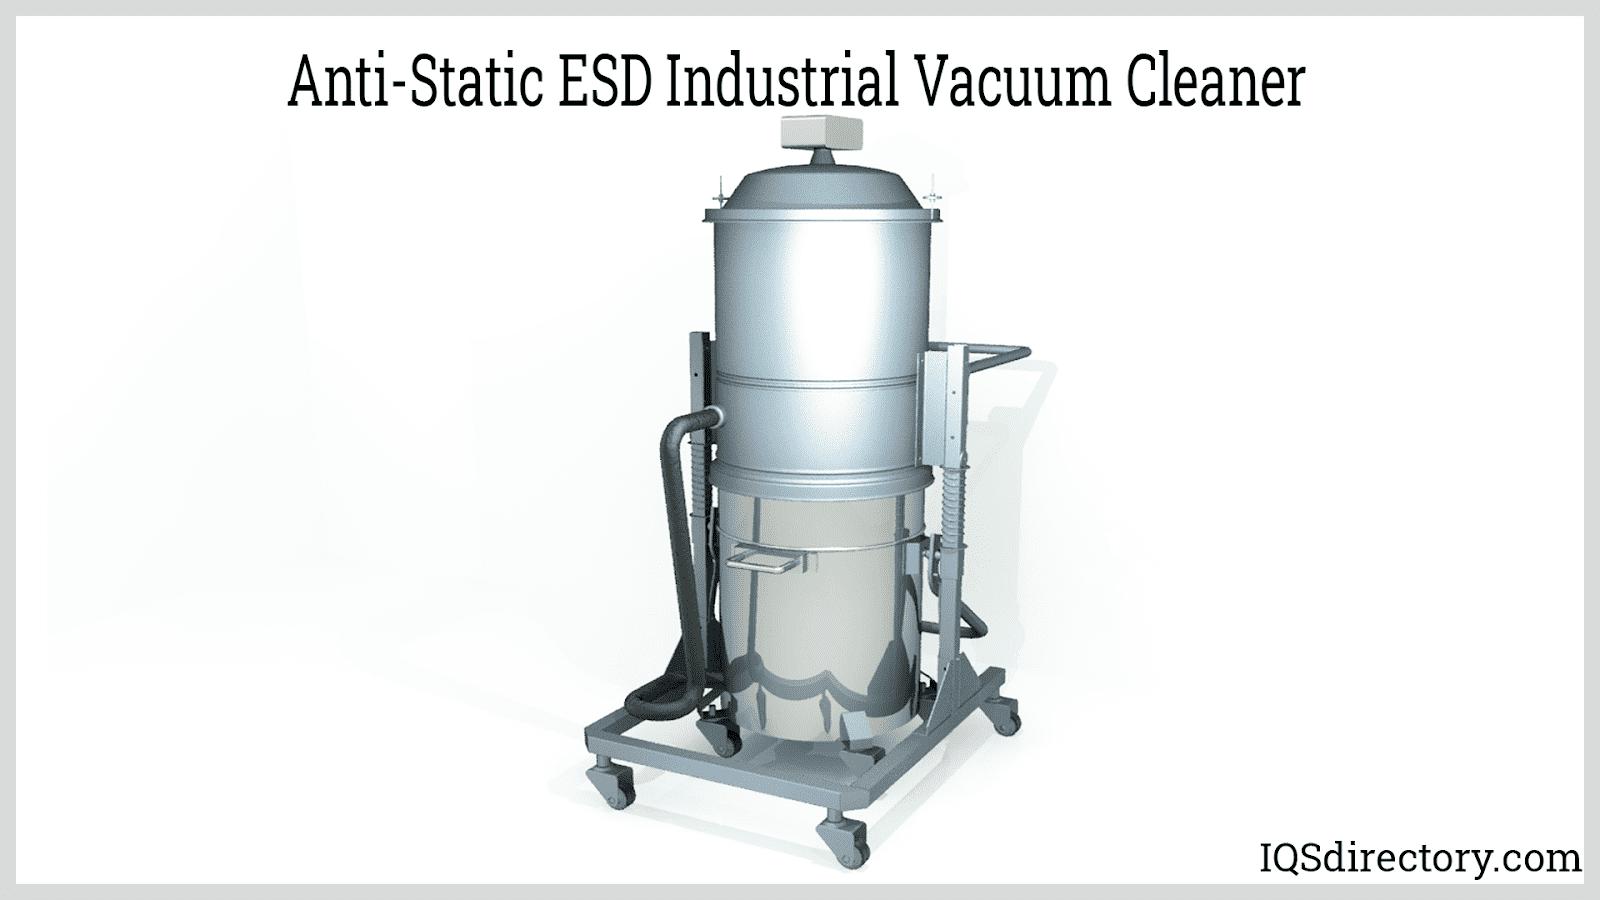 Anti-Static ESD Industrial Vacuum Cleaner